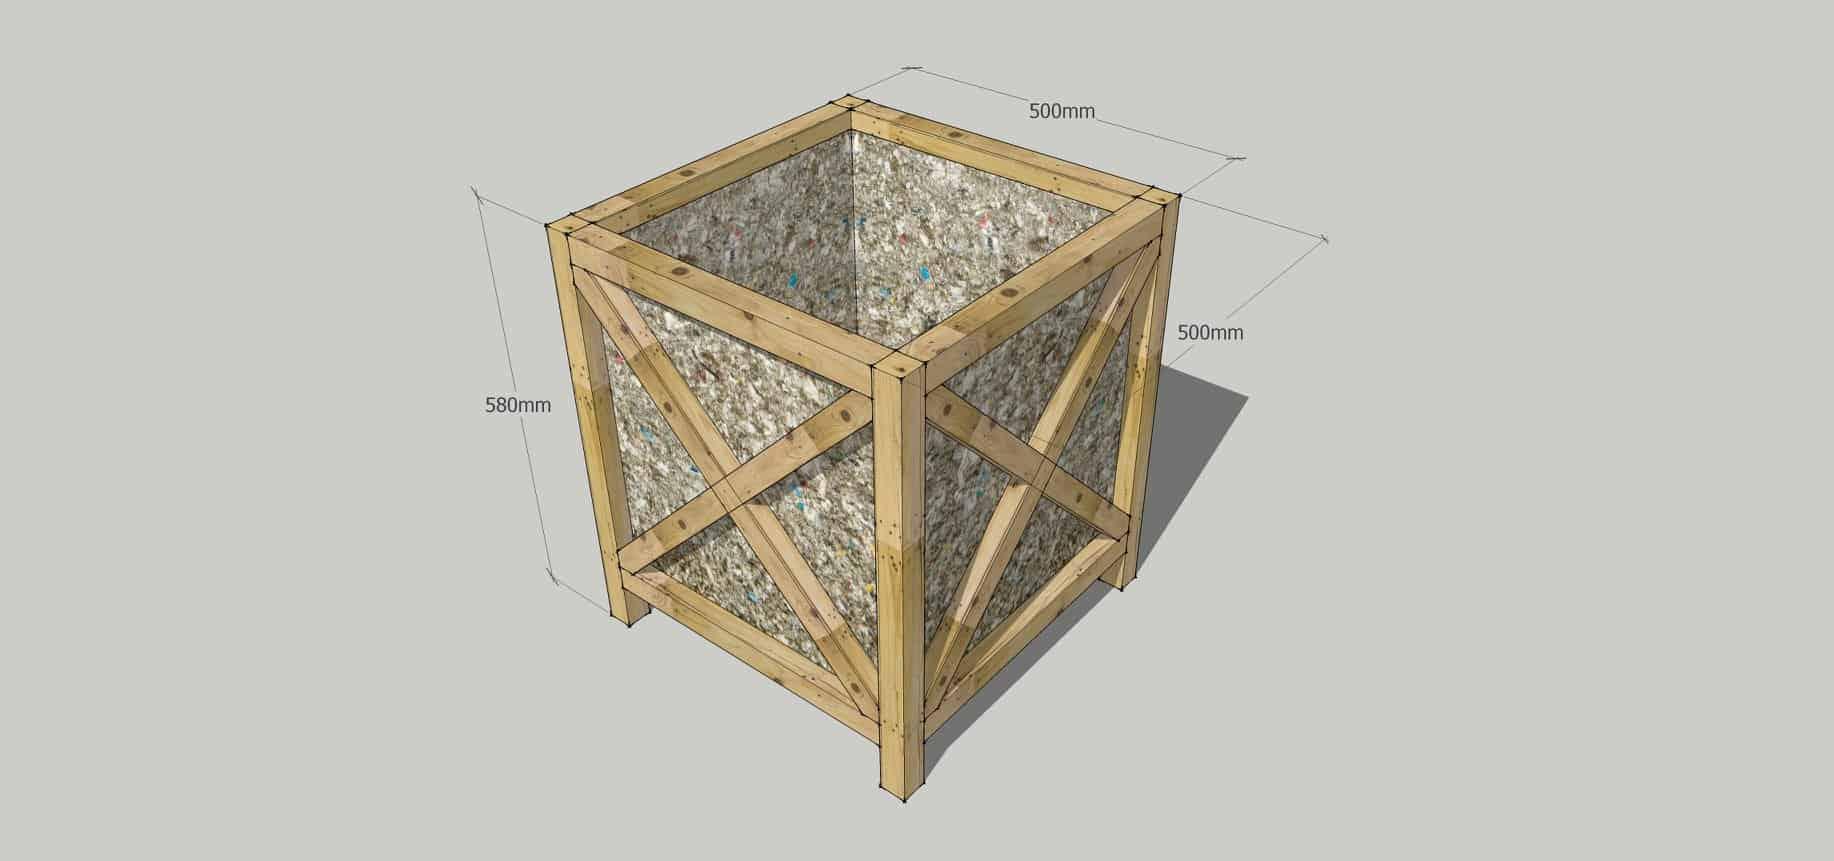 Chậu gỗ làm từ hộp sữa tái chế